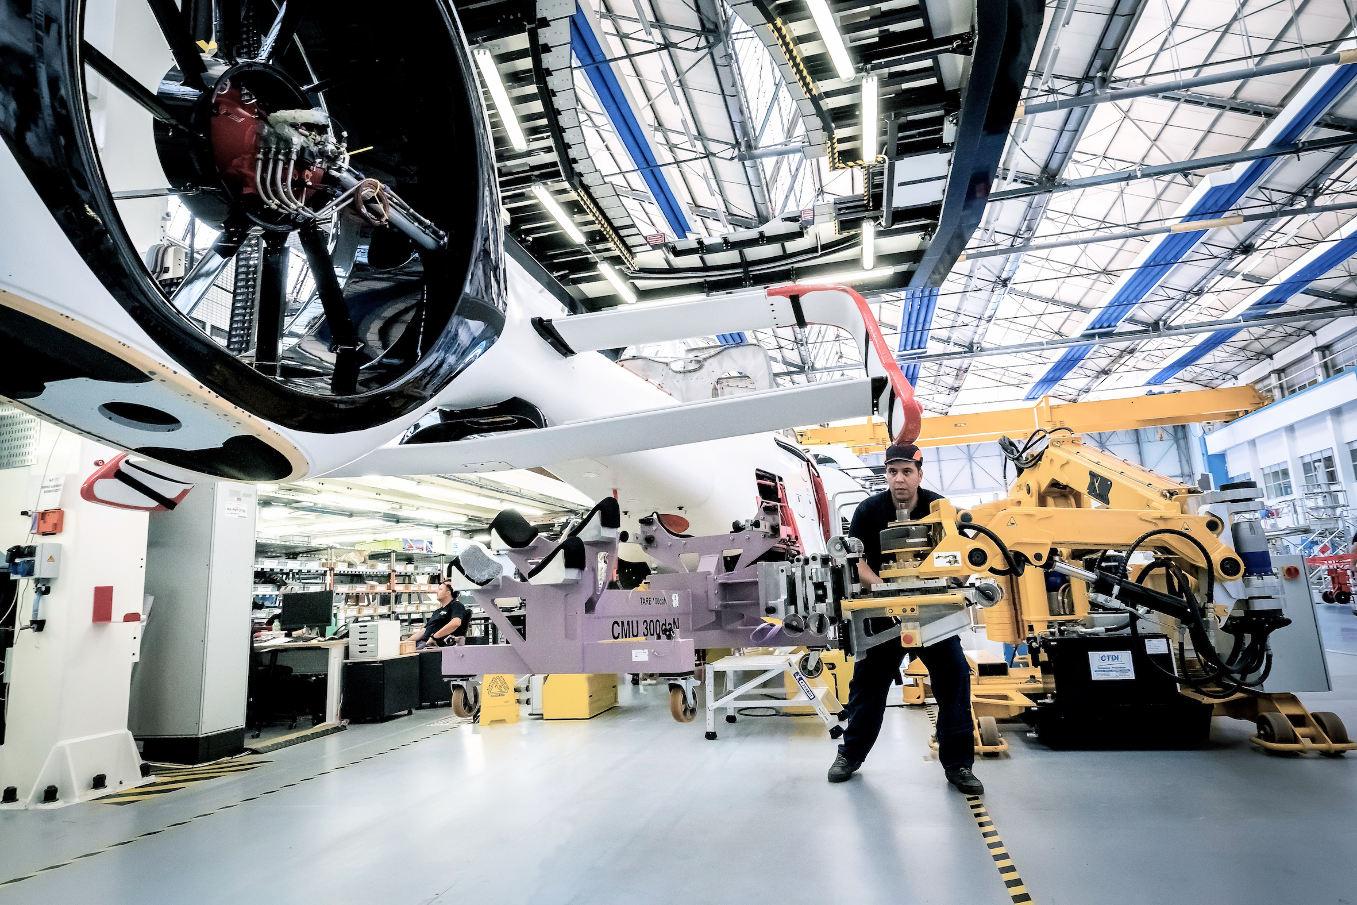 Filière aéro : un plan de relance très concret à 15 Md€